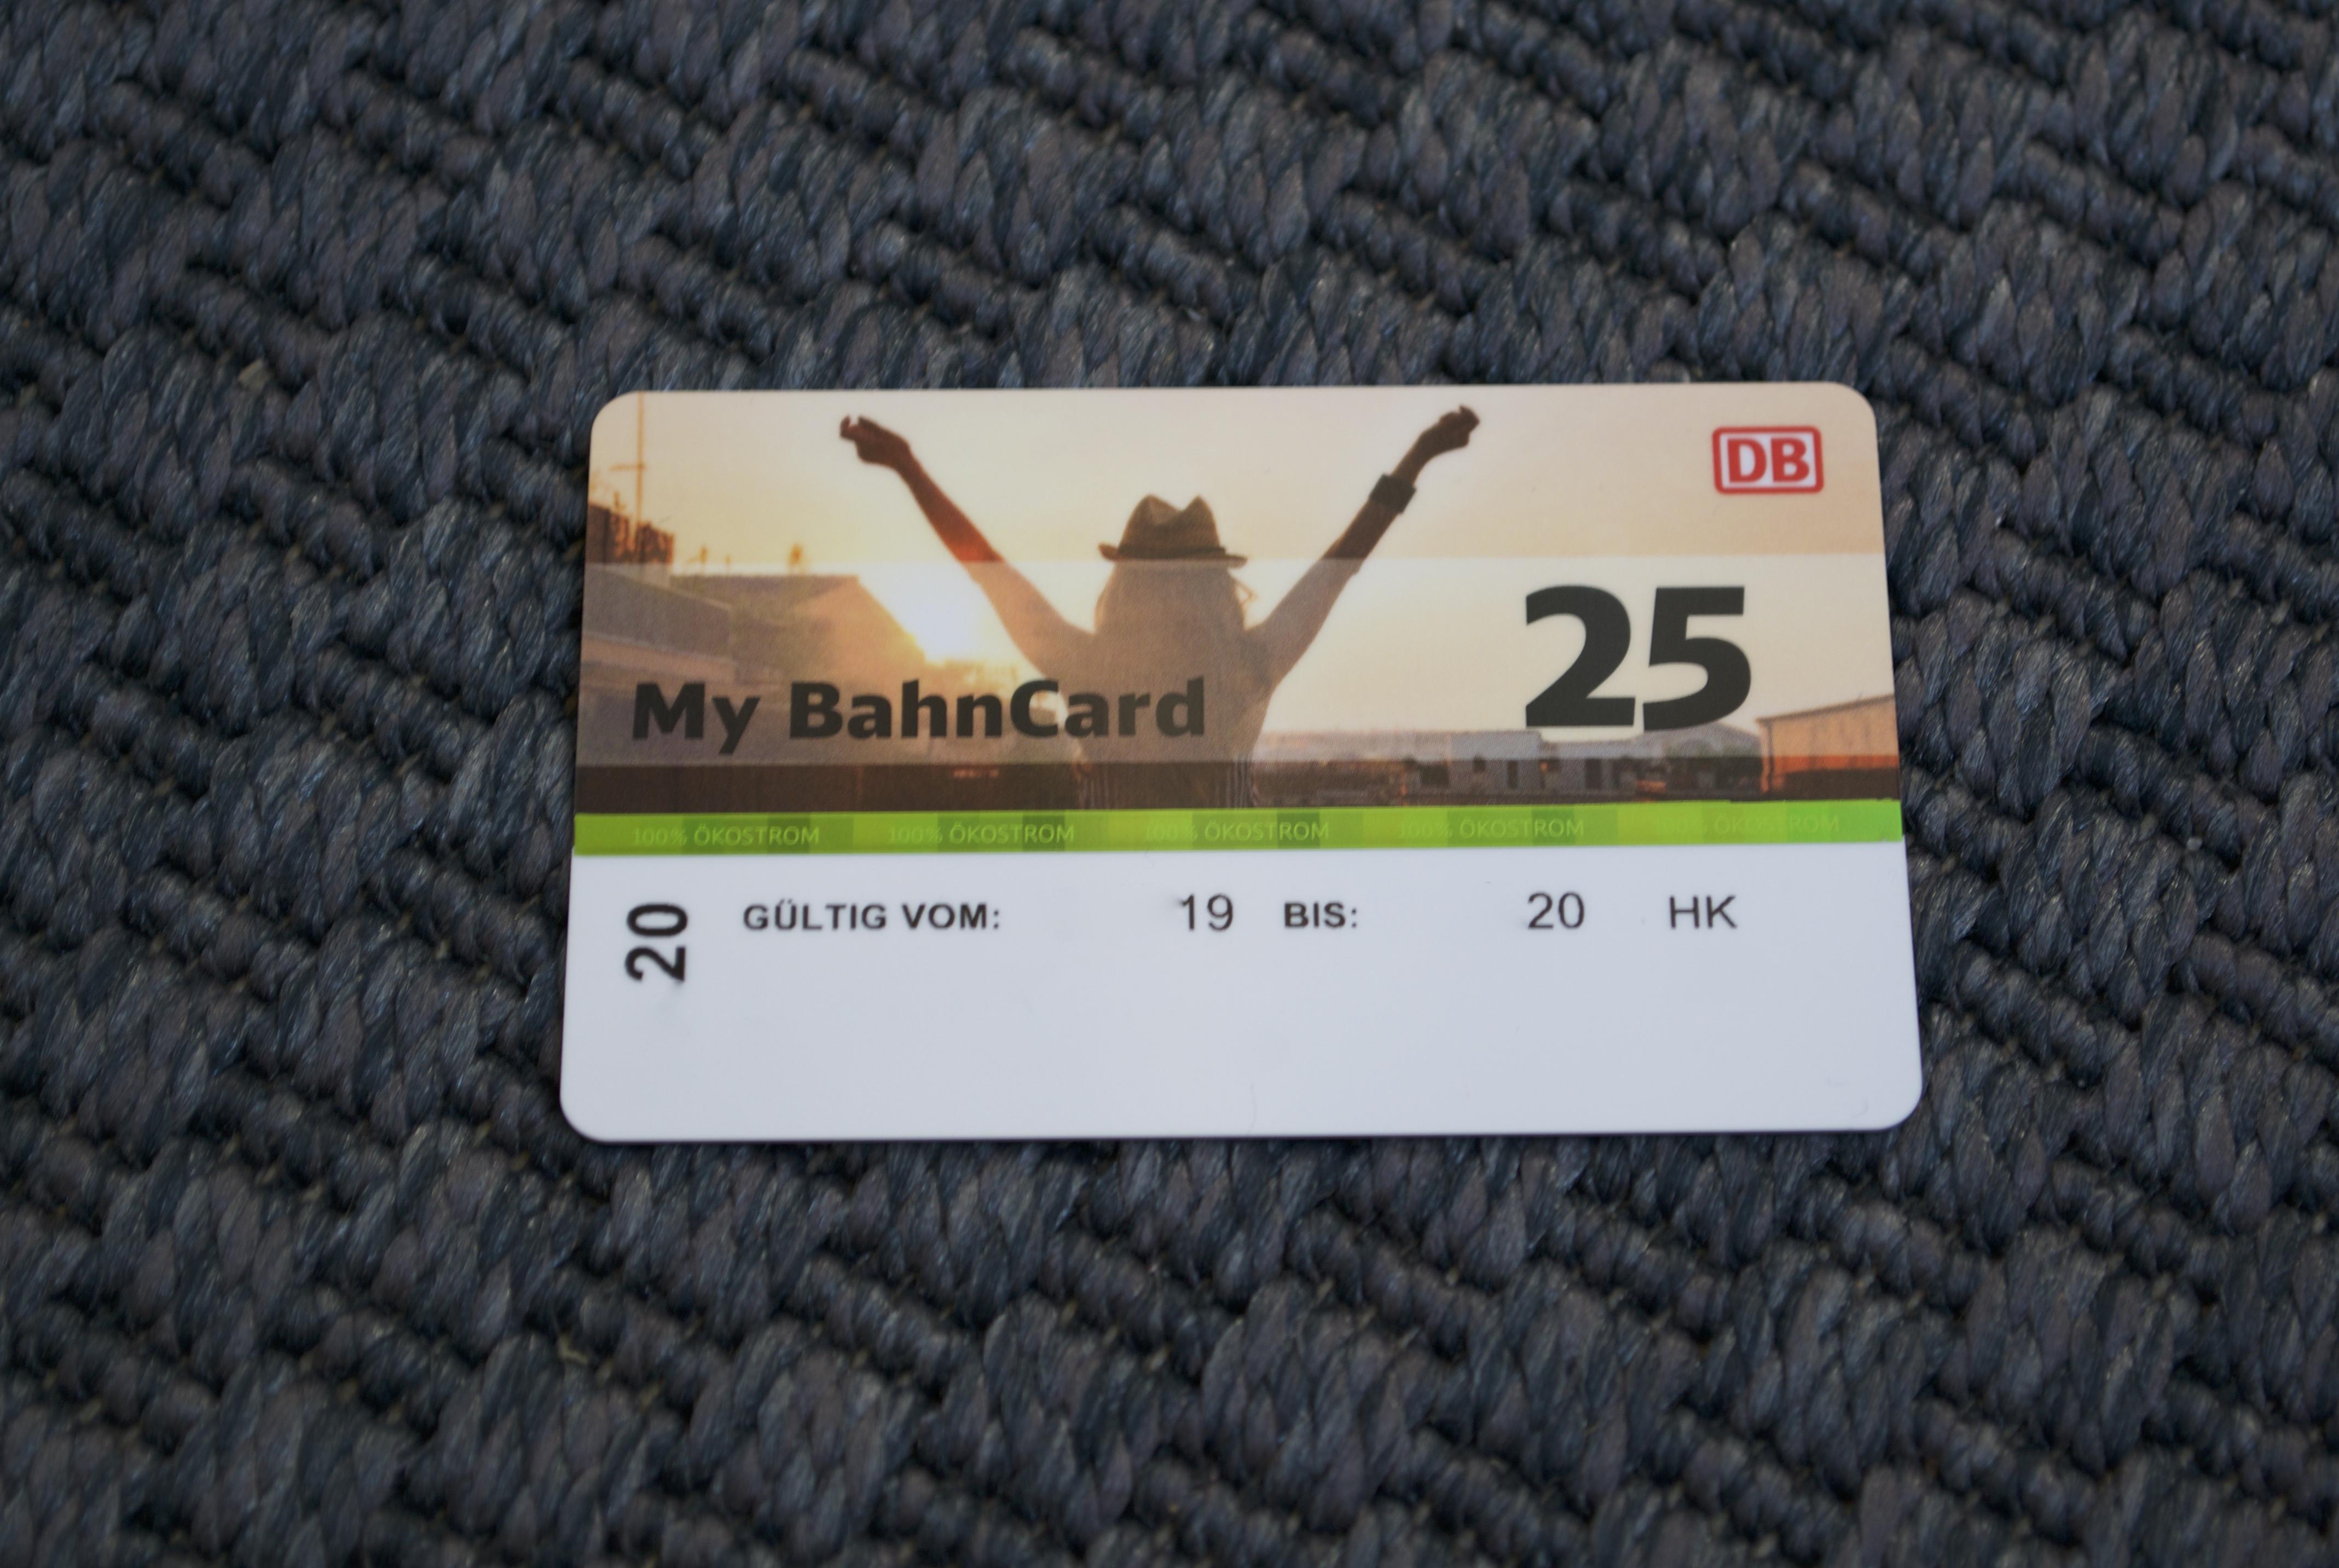 Nun auch die DB BahnCard ca. 10% günstiger kaufen!